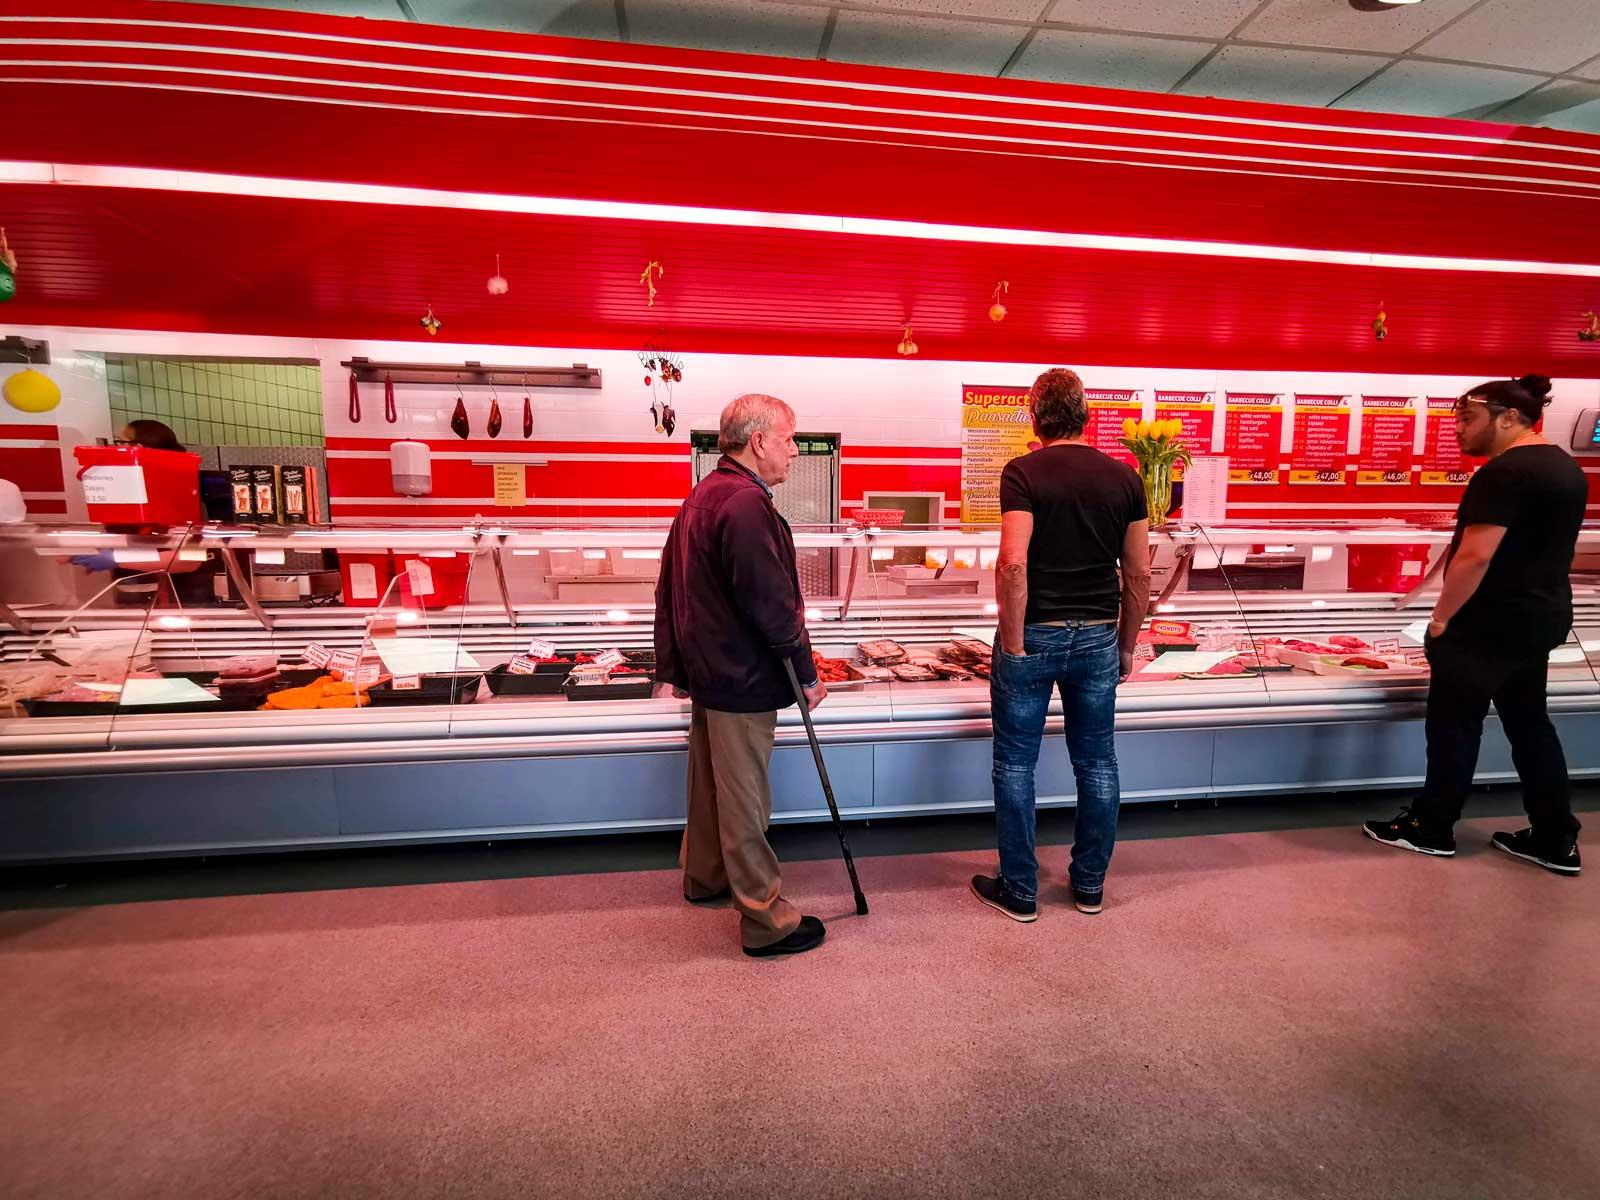 Vi tar en tur till köttbutiken där utbudet är enormt. Kölappar, köttdisk och öppet till sent på kvällen.